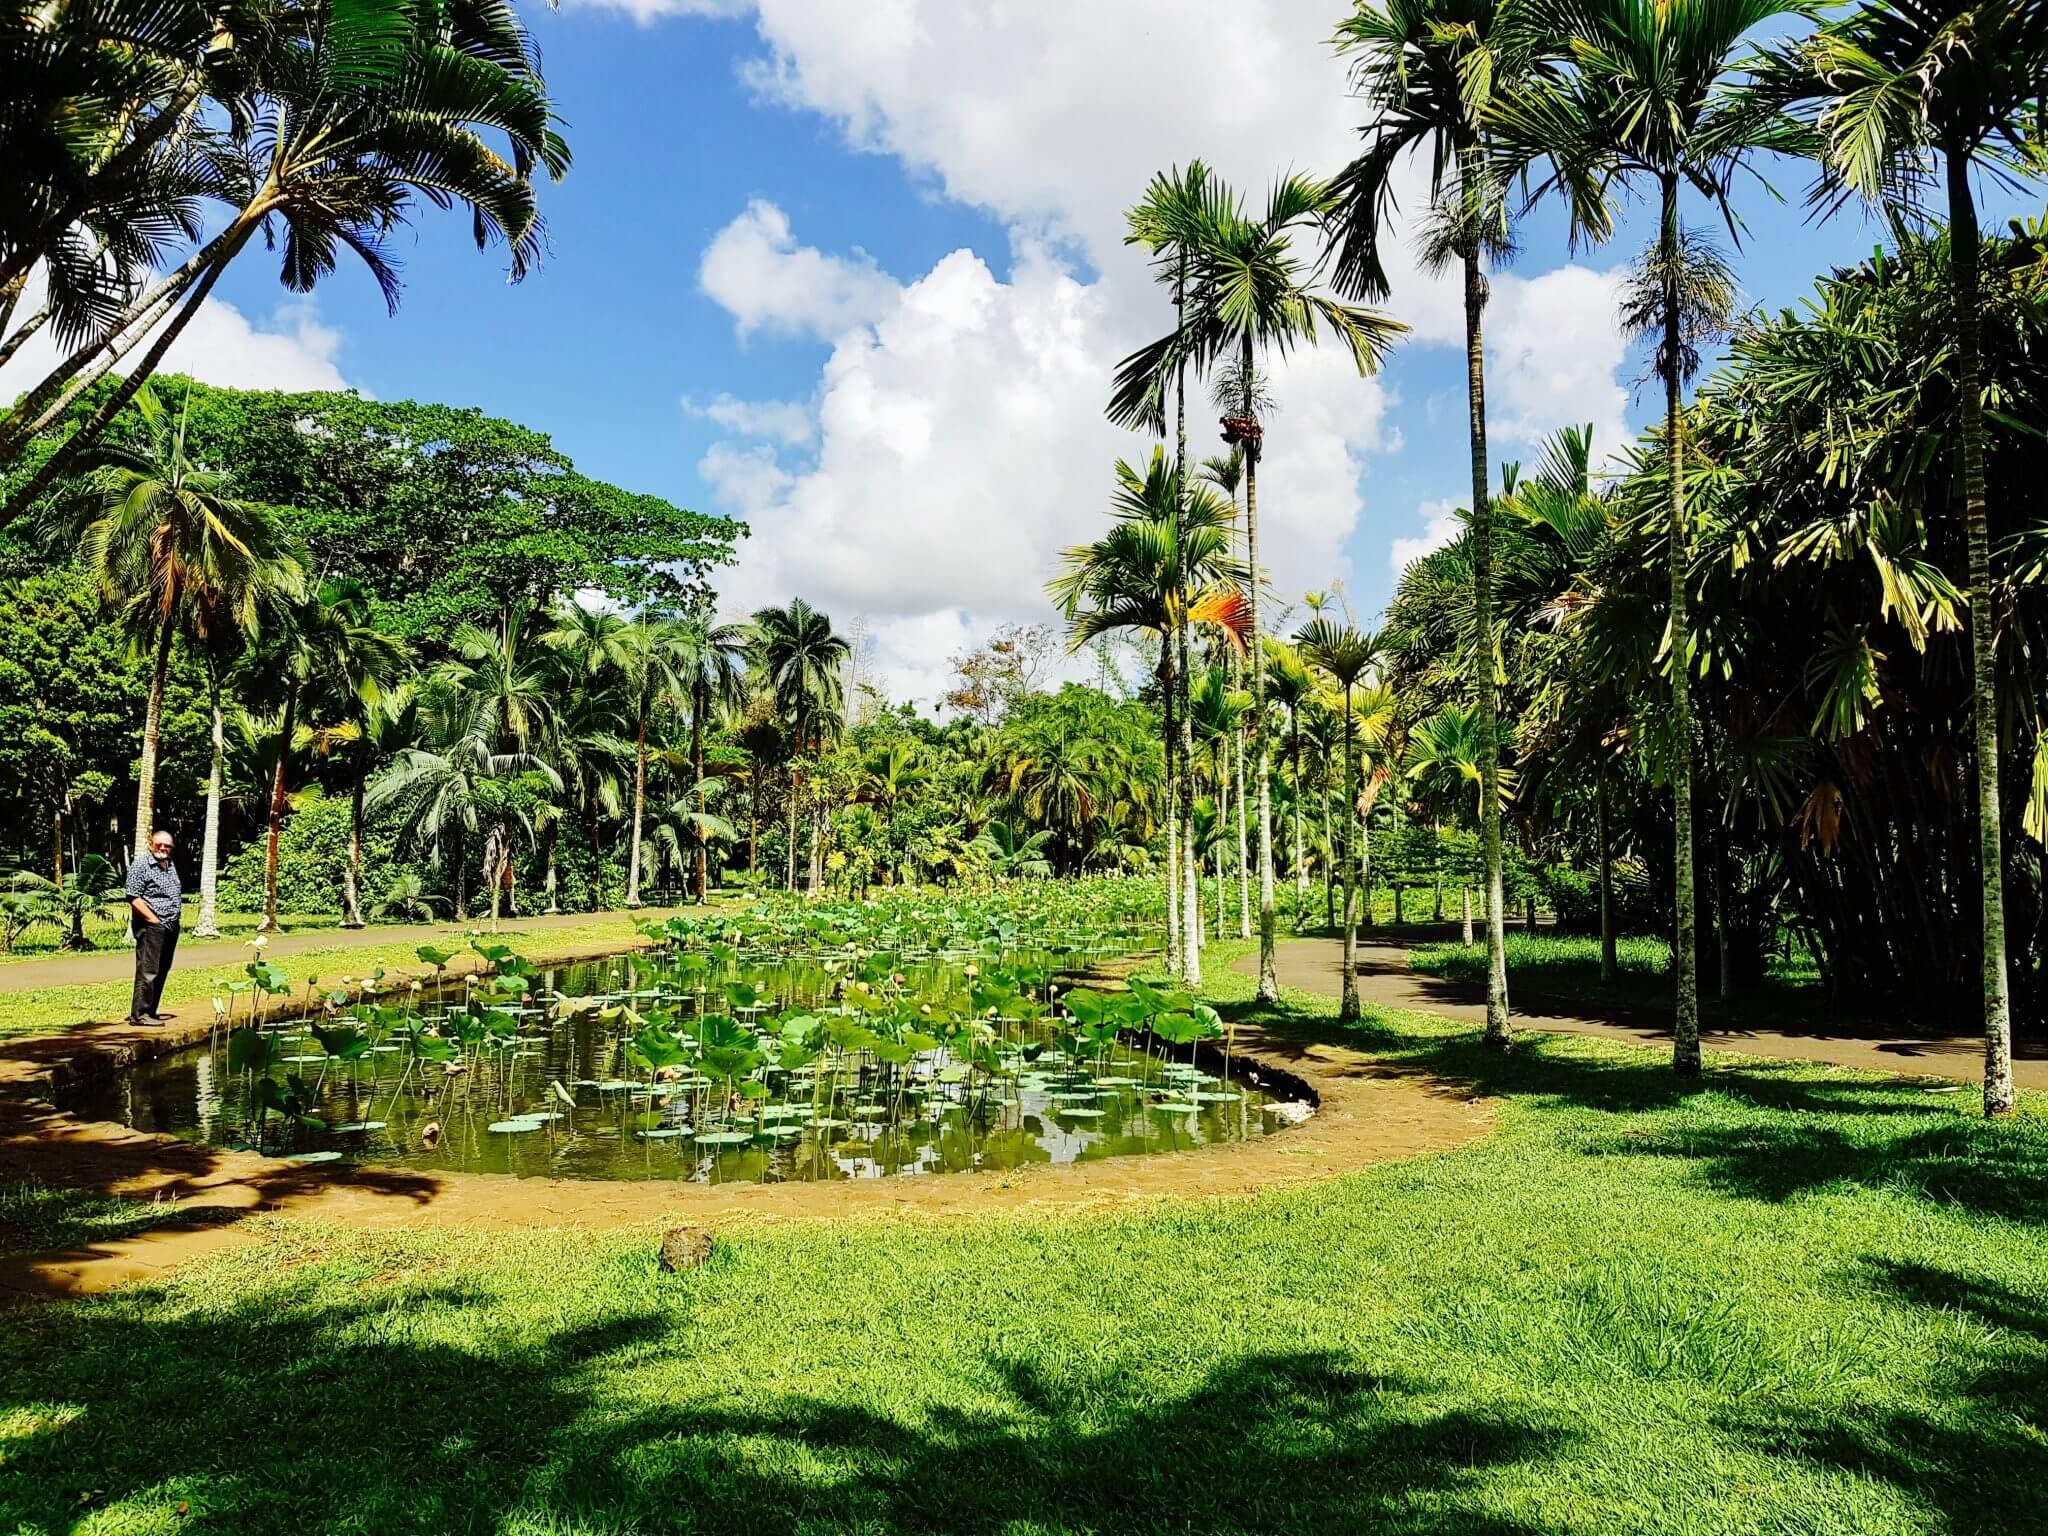 que faire au jardin de pamplemousses à l'ile maurice